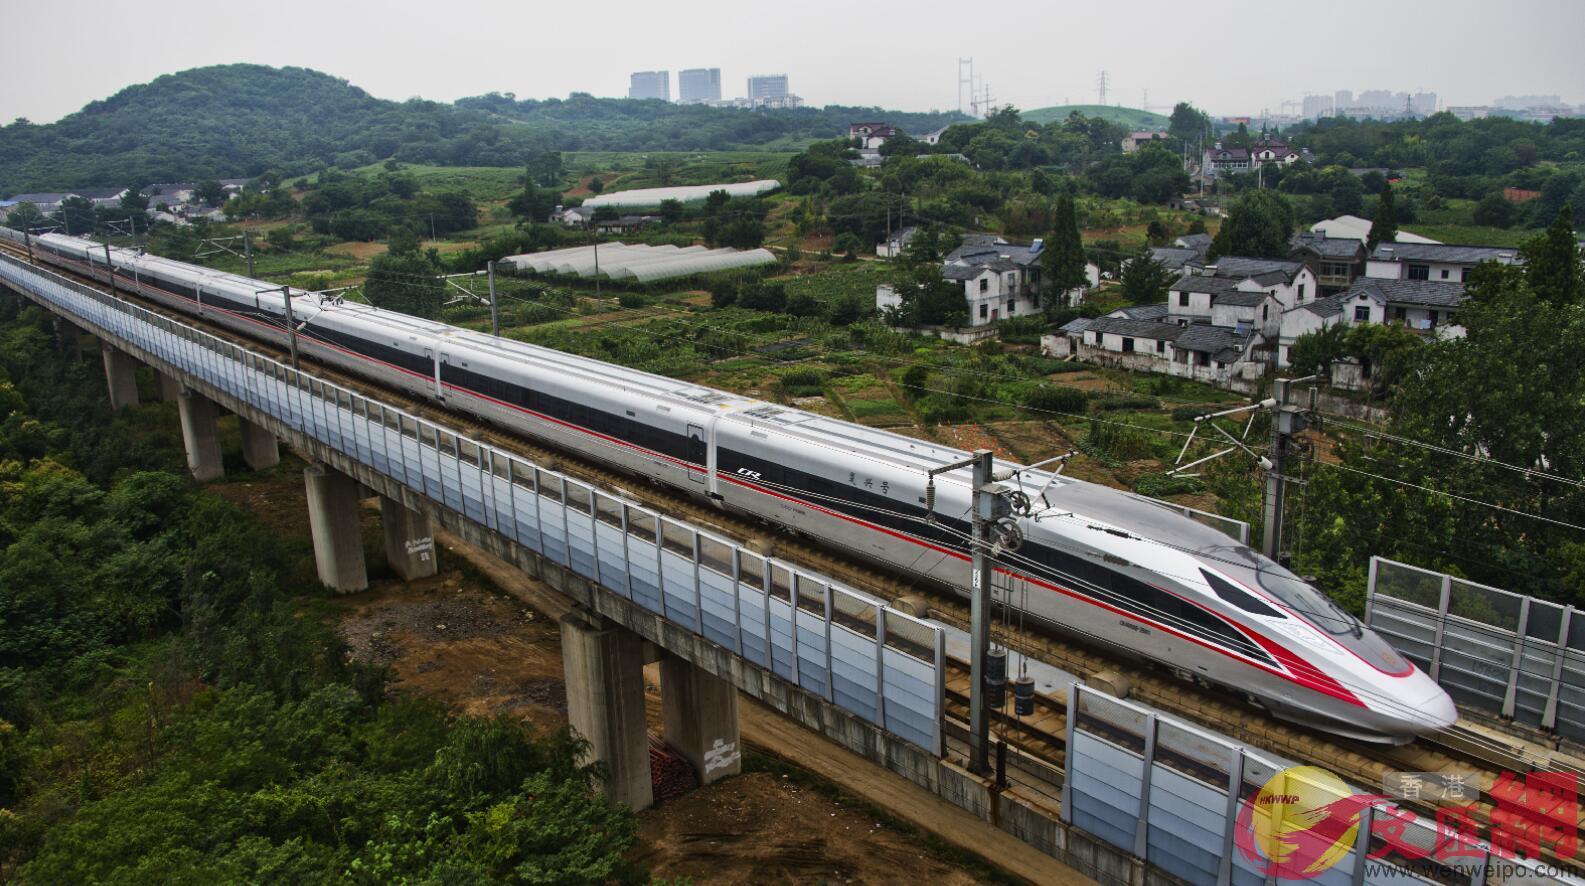 2017年6月26日,具有完全自主知識產權的中國標準動車組「復興號」動車行駛在京滬高鐵江蘇鎮江段。